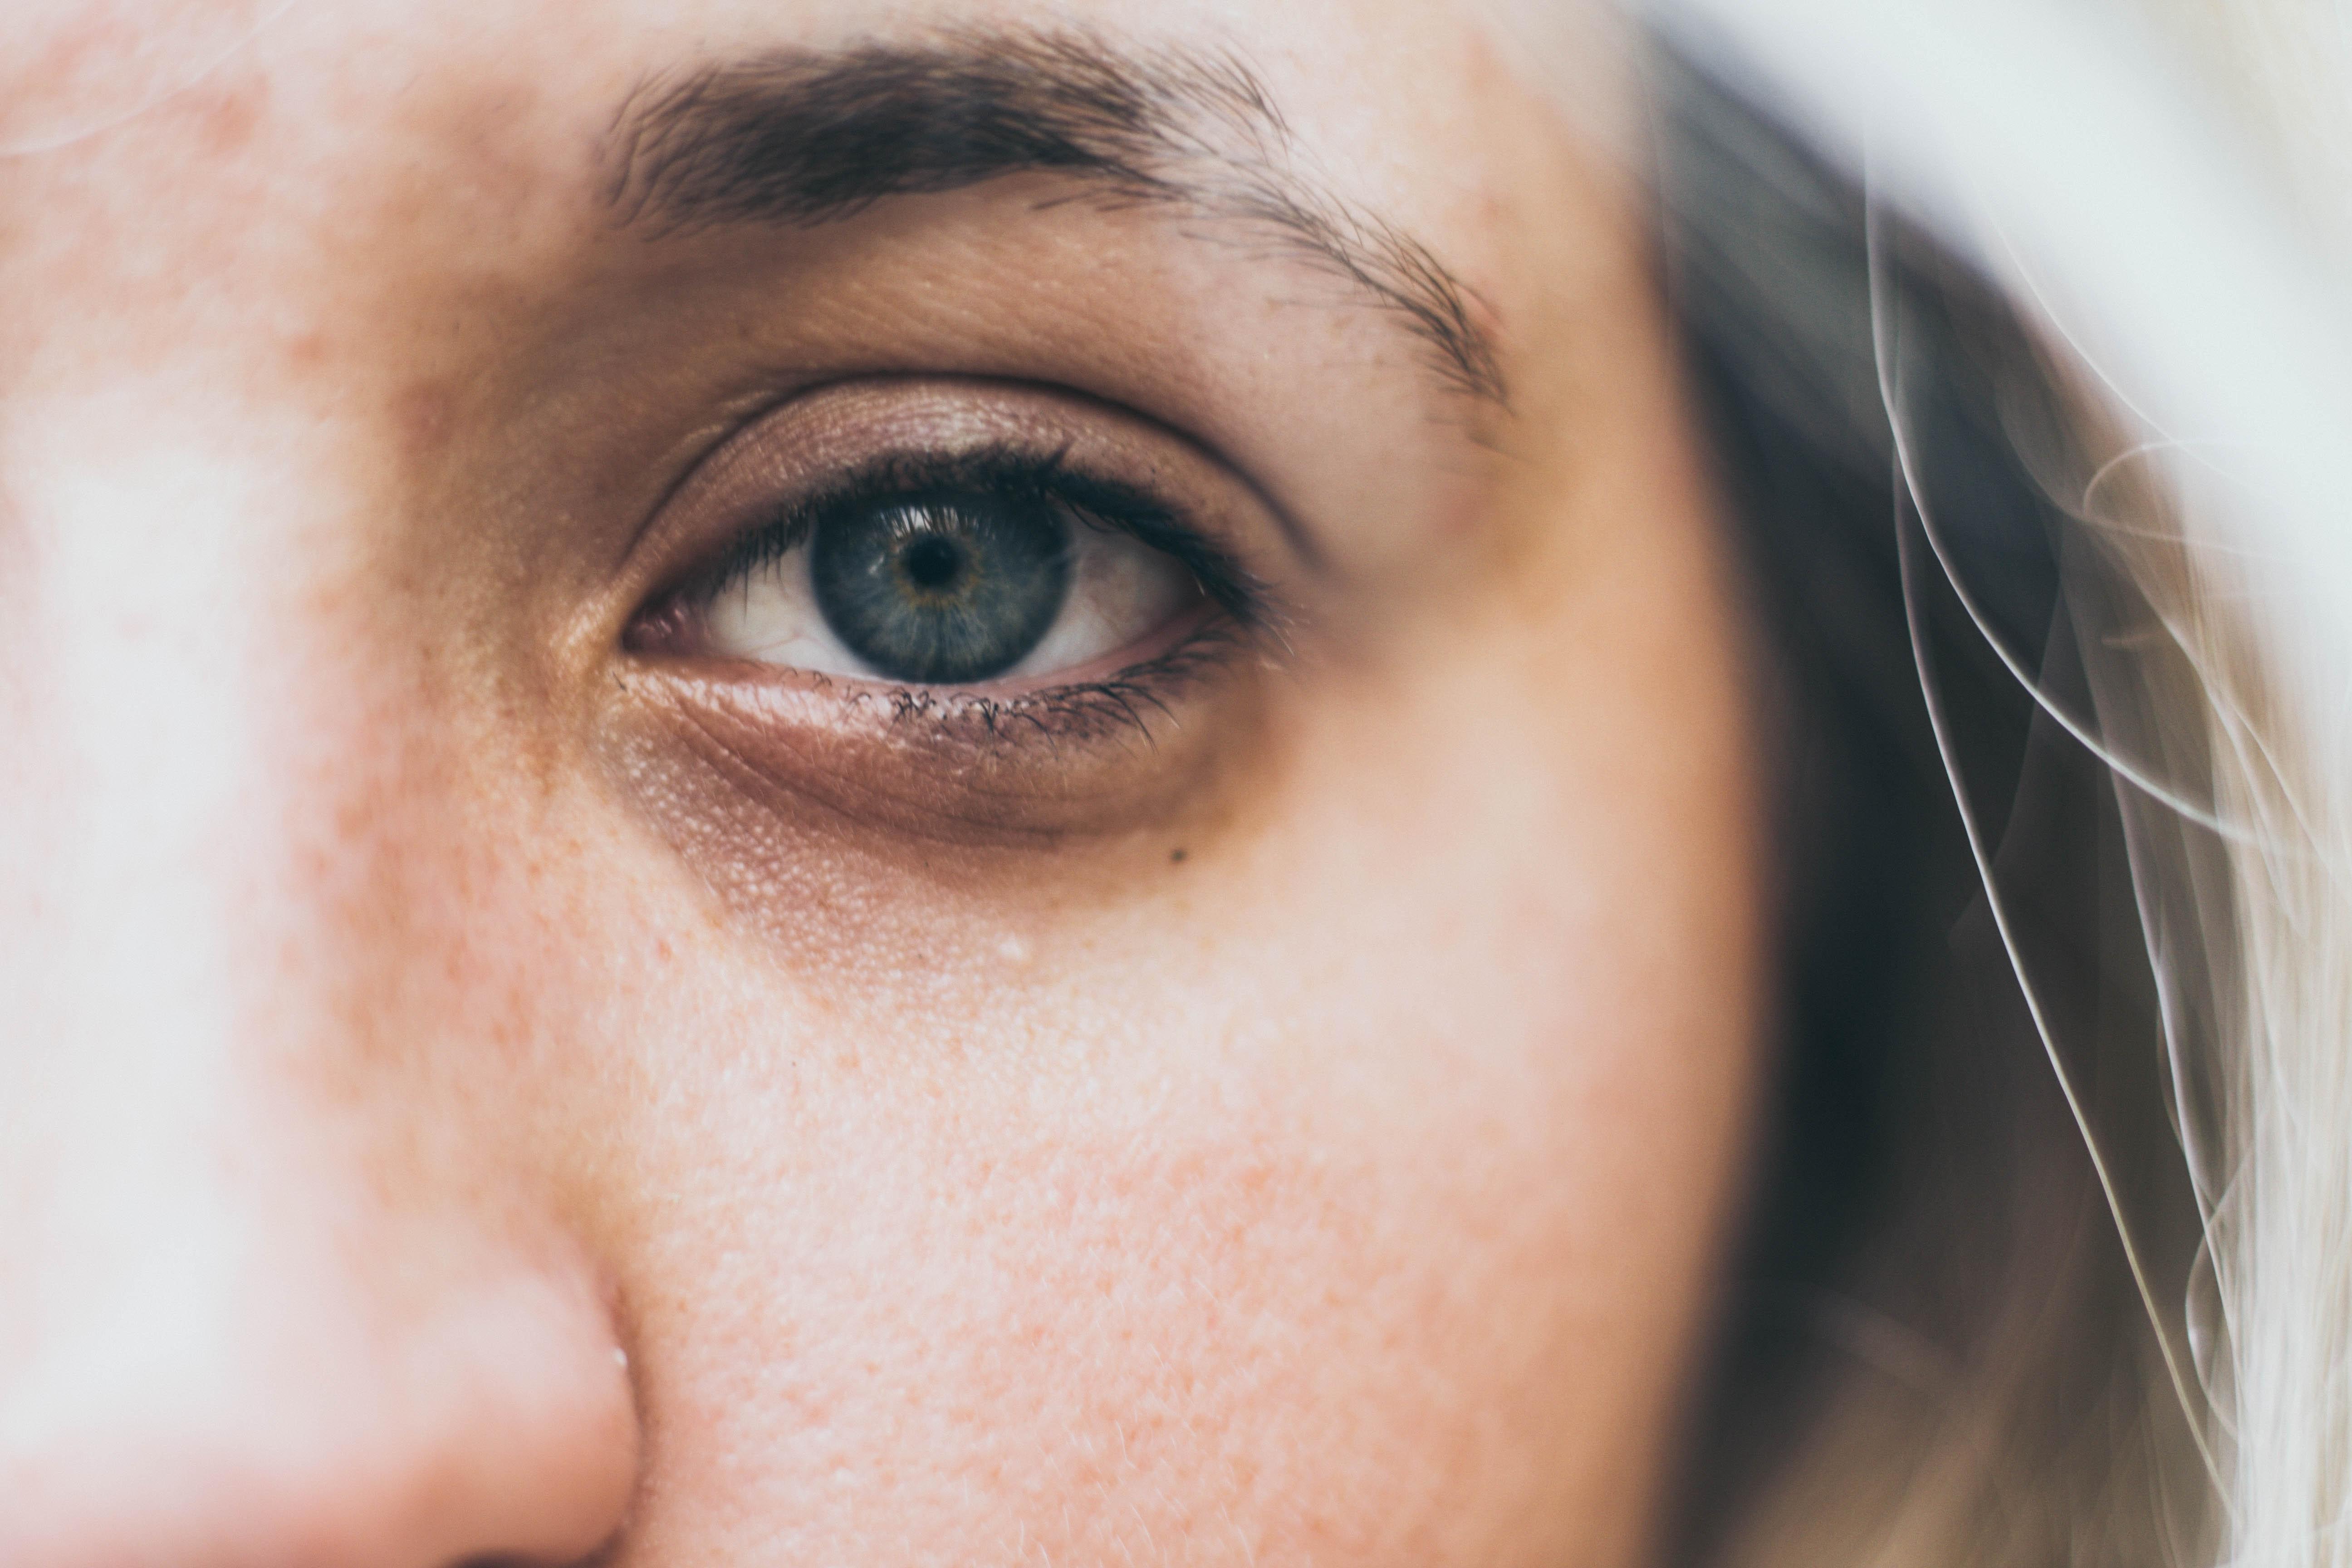 Was Sagen Unterlider Bzw Dunkle Augenringe Nach Der Tcm Uber Deine Gesundheit Aus Elisabeth Mohr Mohr Tcm